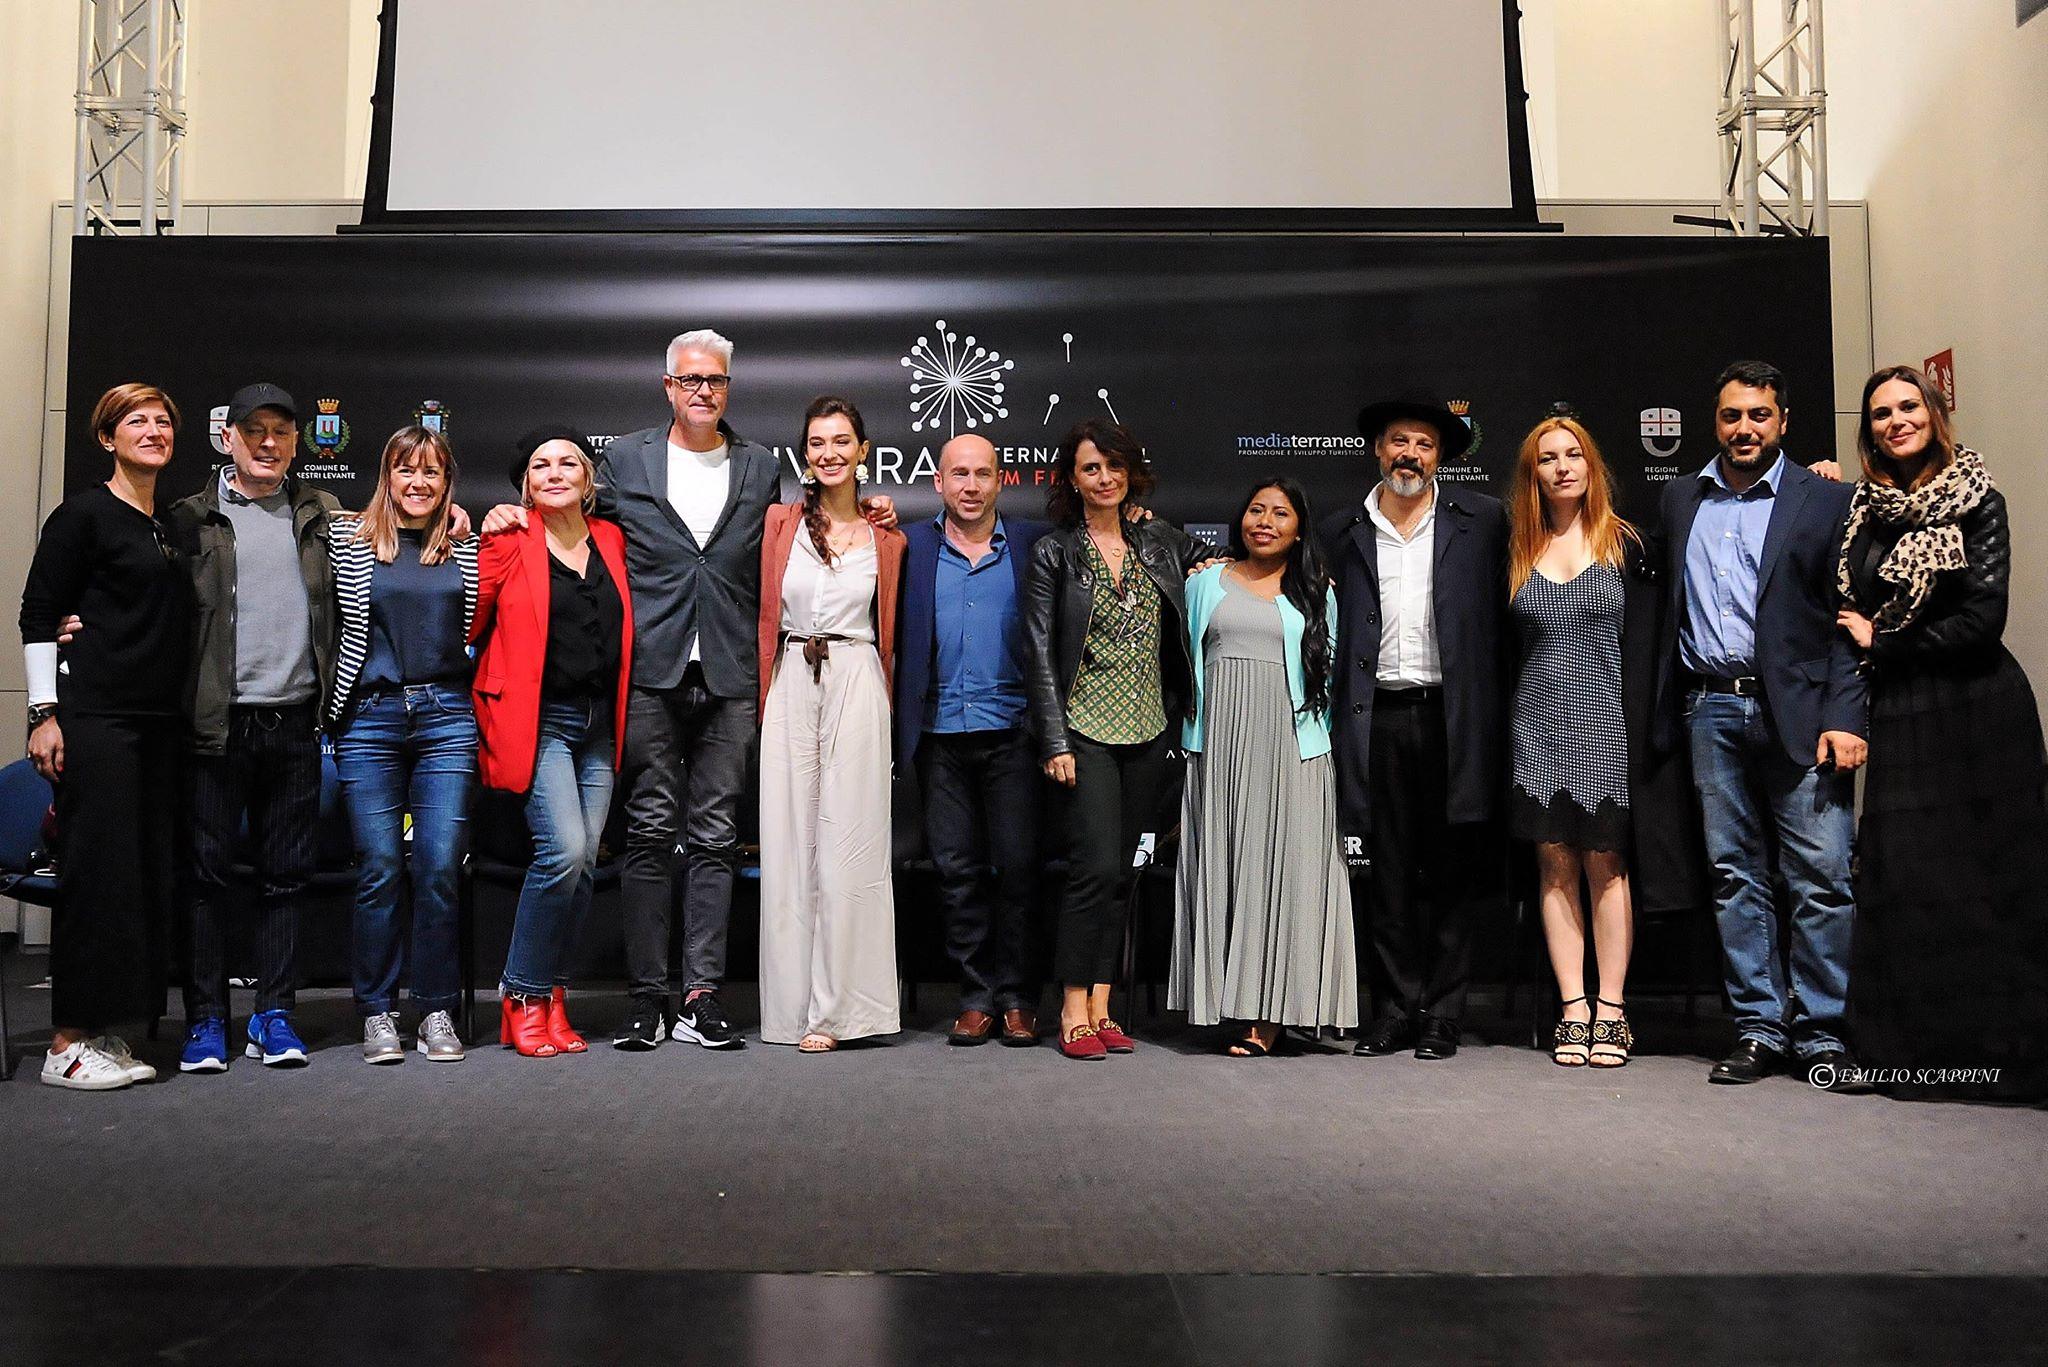 Sestri: Riviera Film Festival 2021, il finale sarà dal vivo